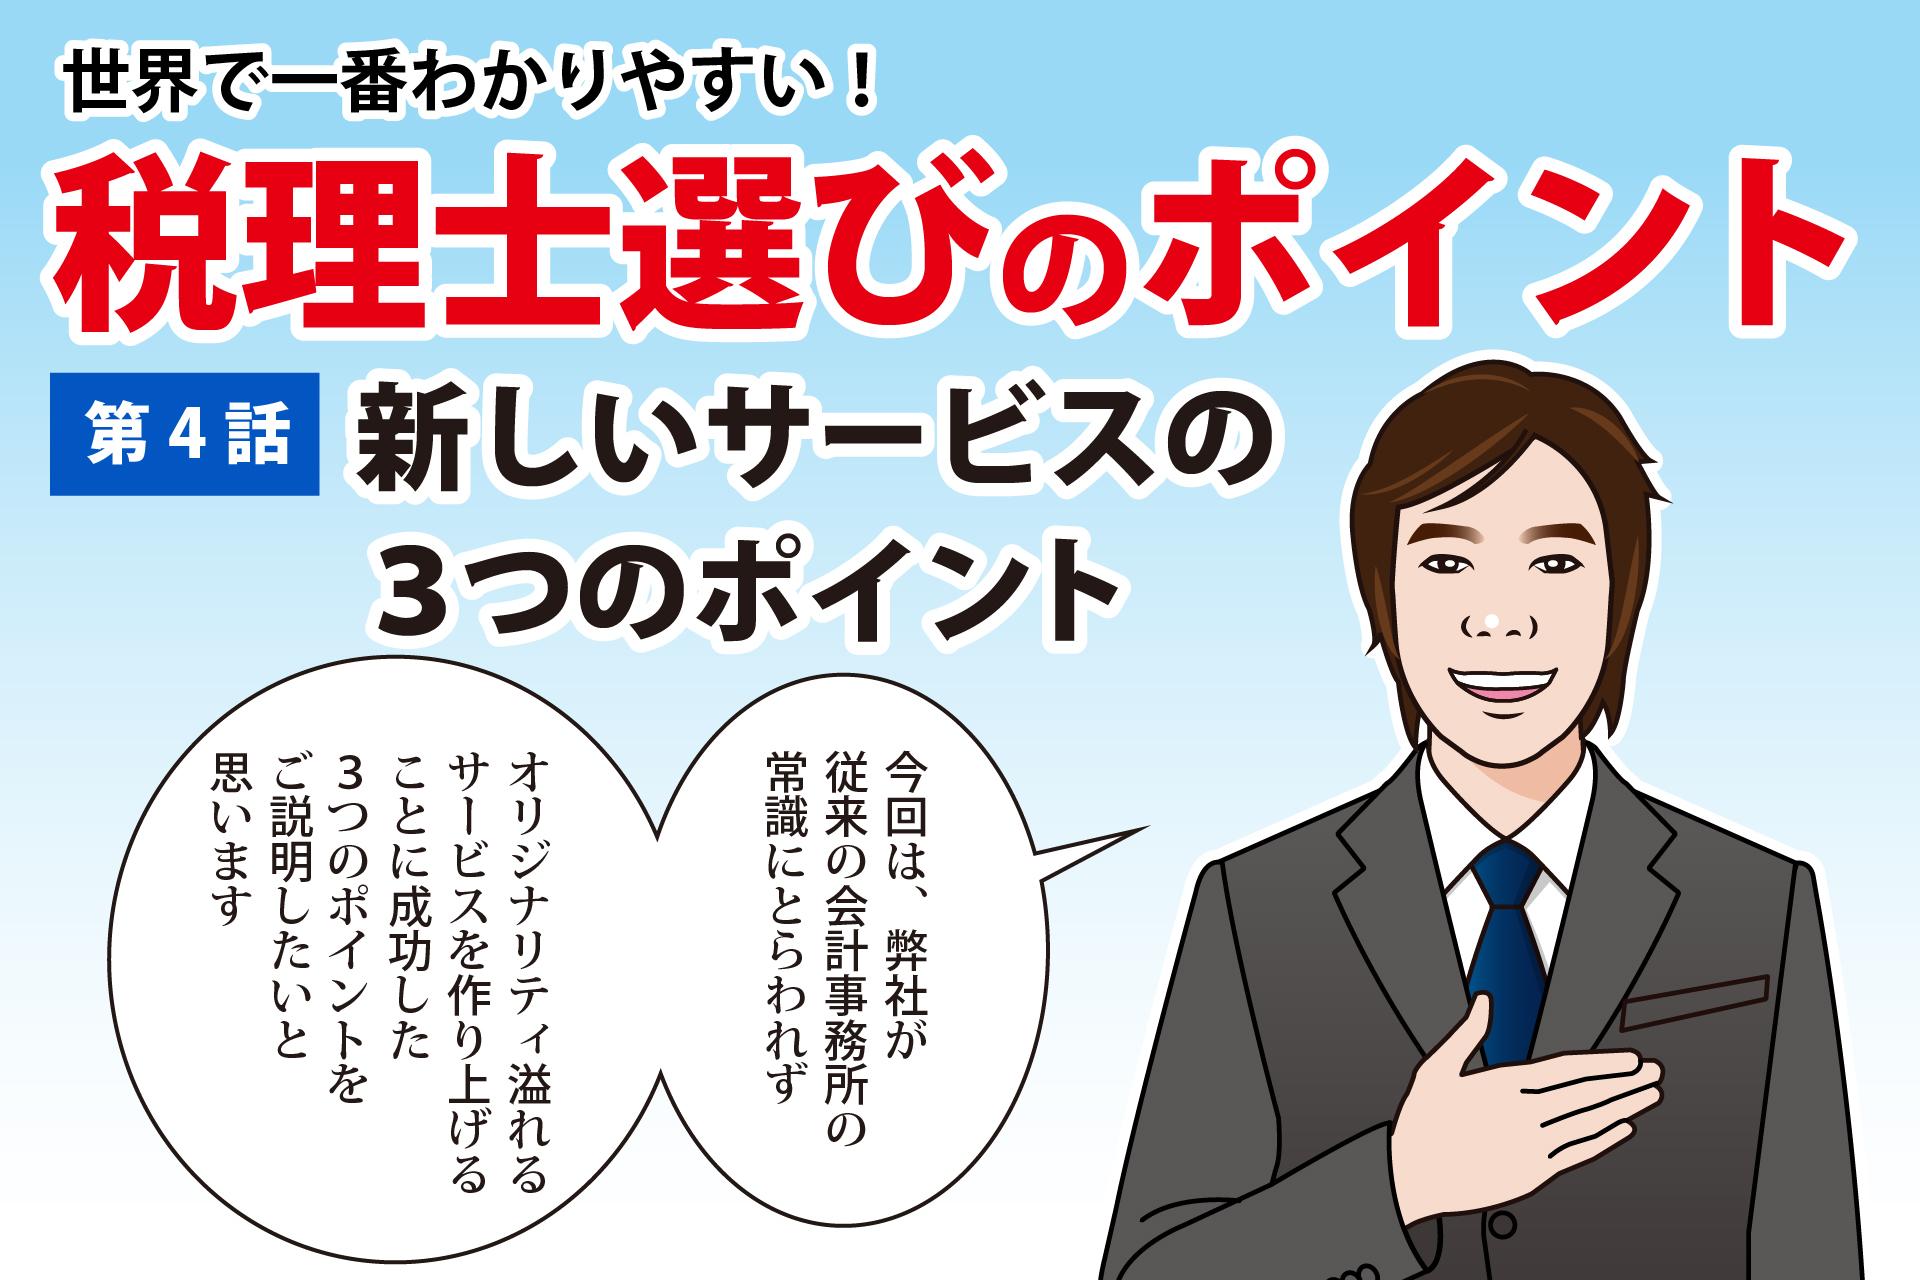 【税理士選び 第4話】新しいサービスの3つのポイント